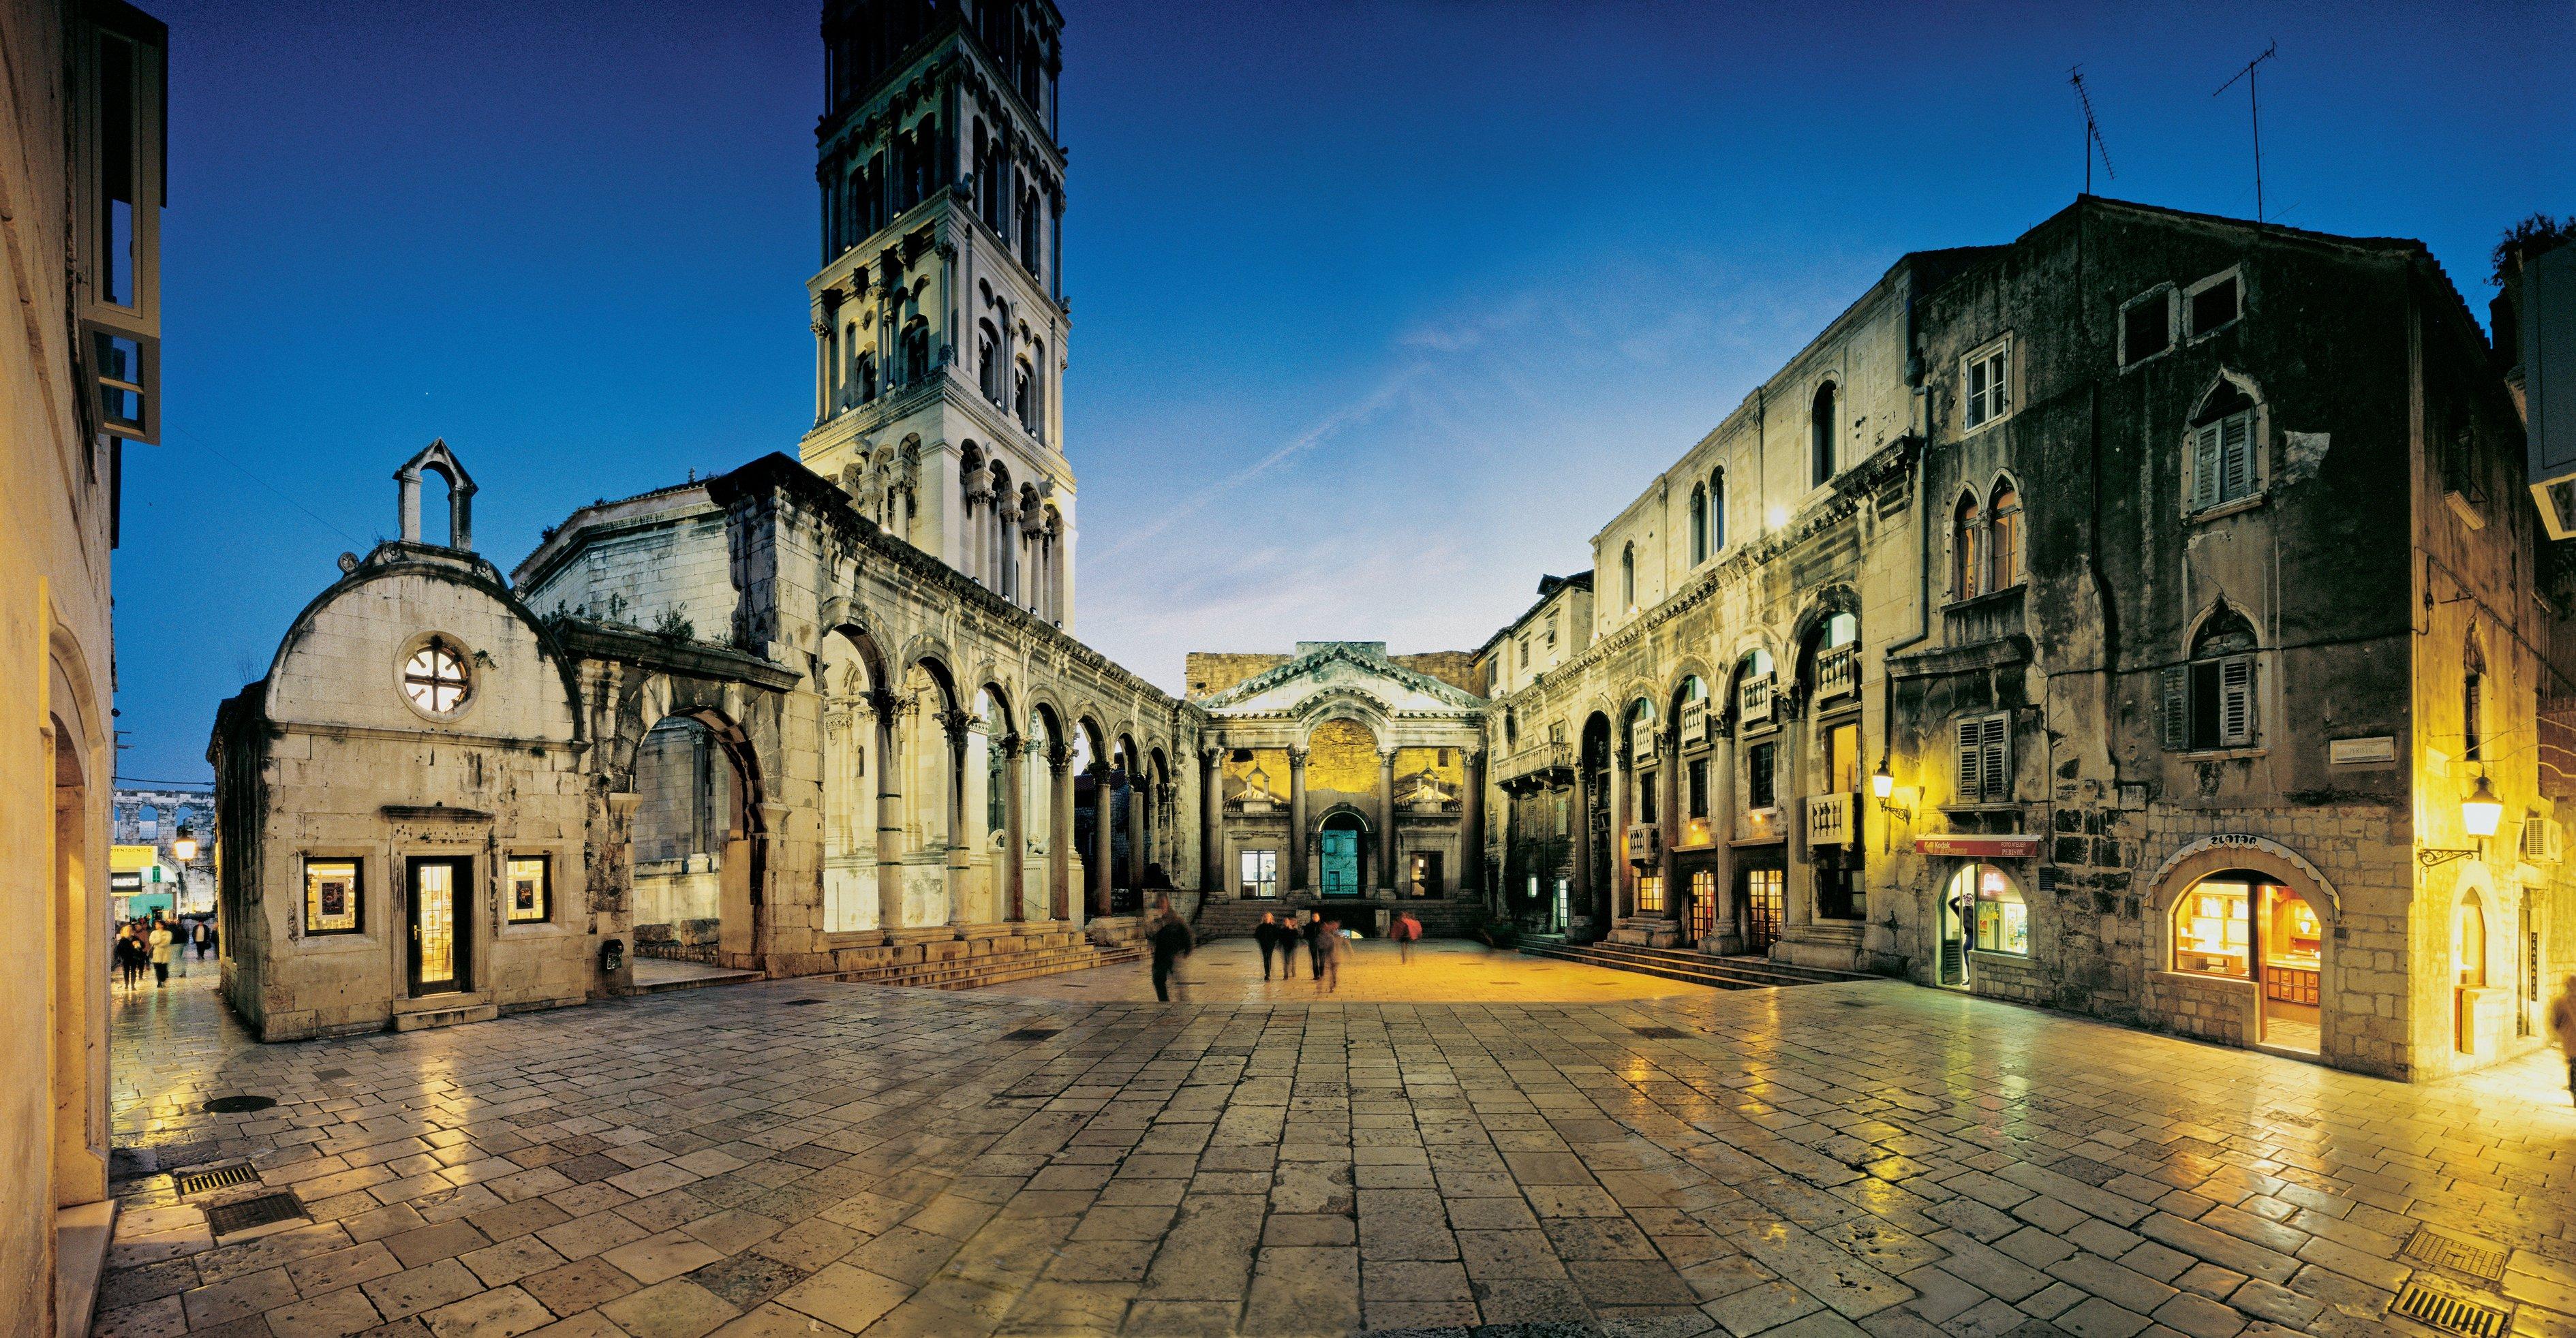 Fotografija preuzeta sa službenih stranica Turističke zajednice Grada Splita